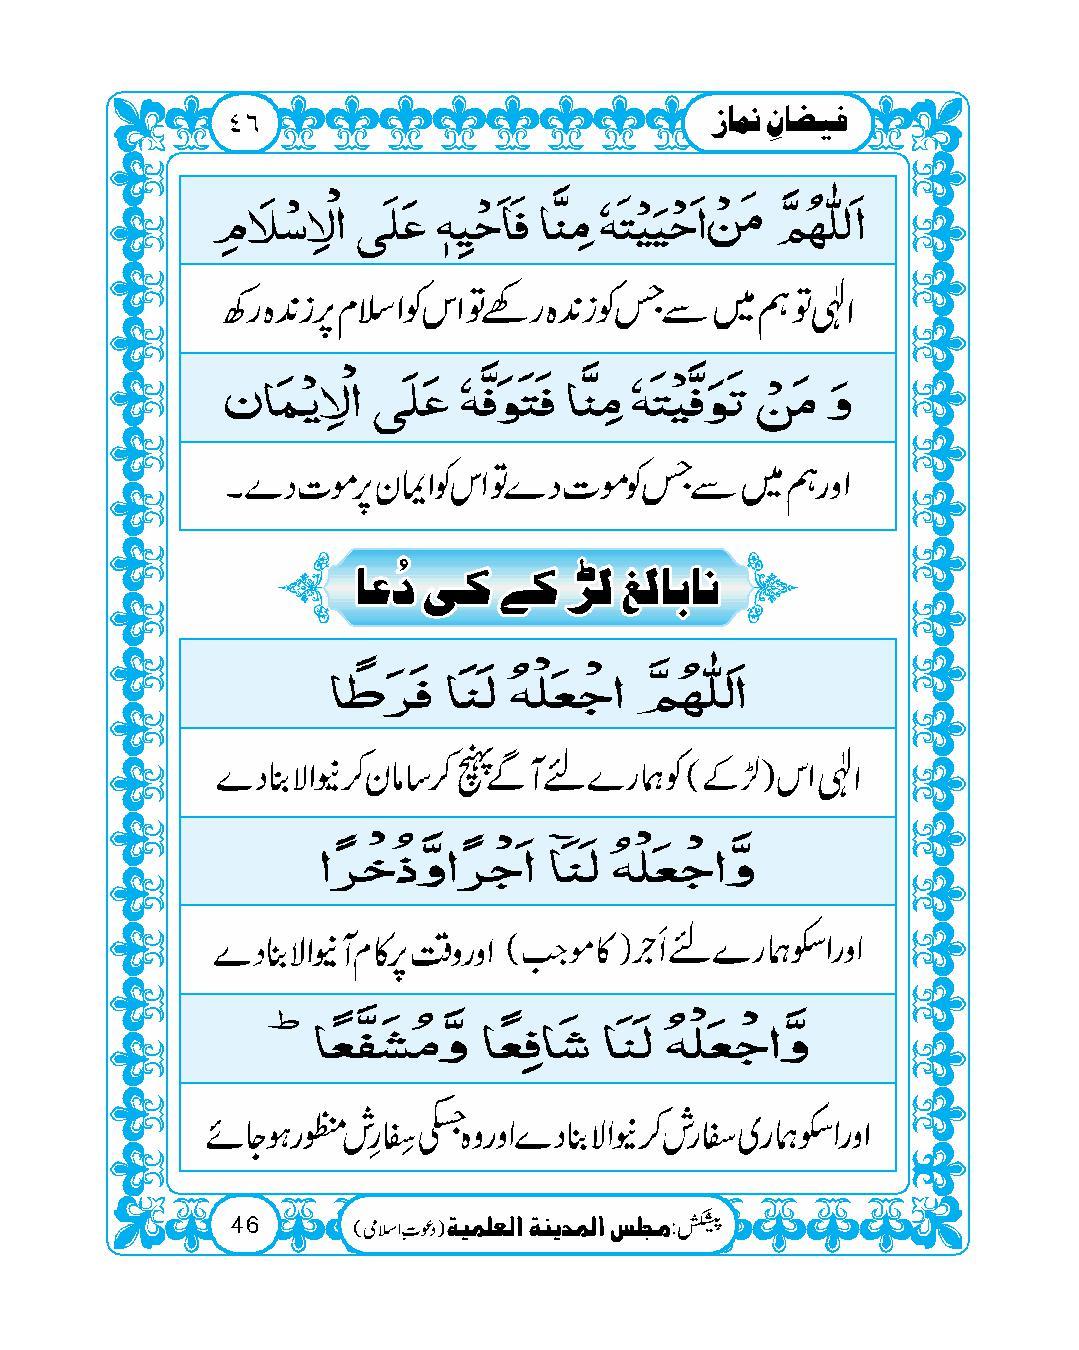 page No 46